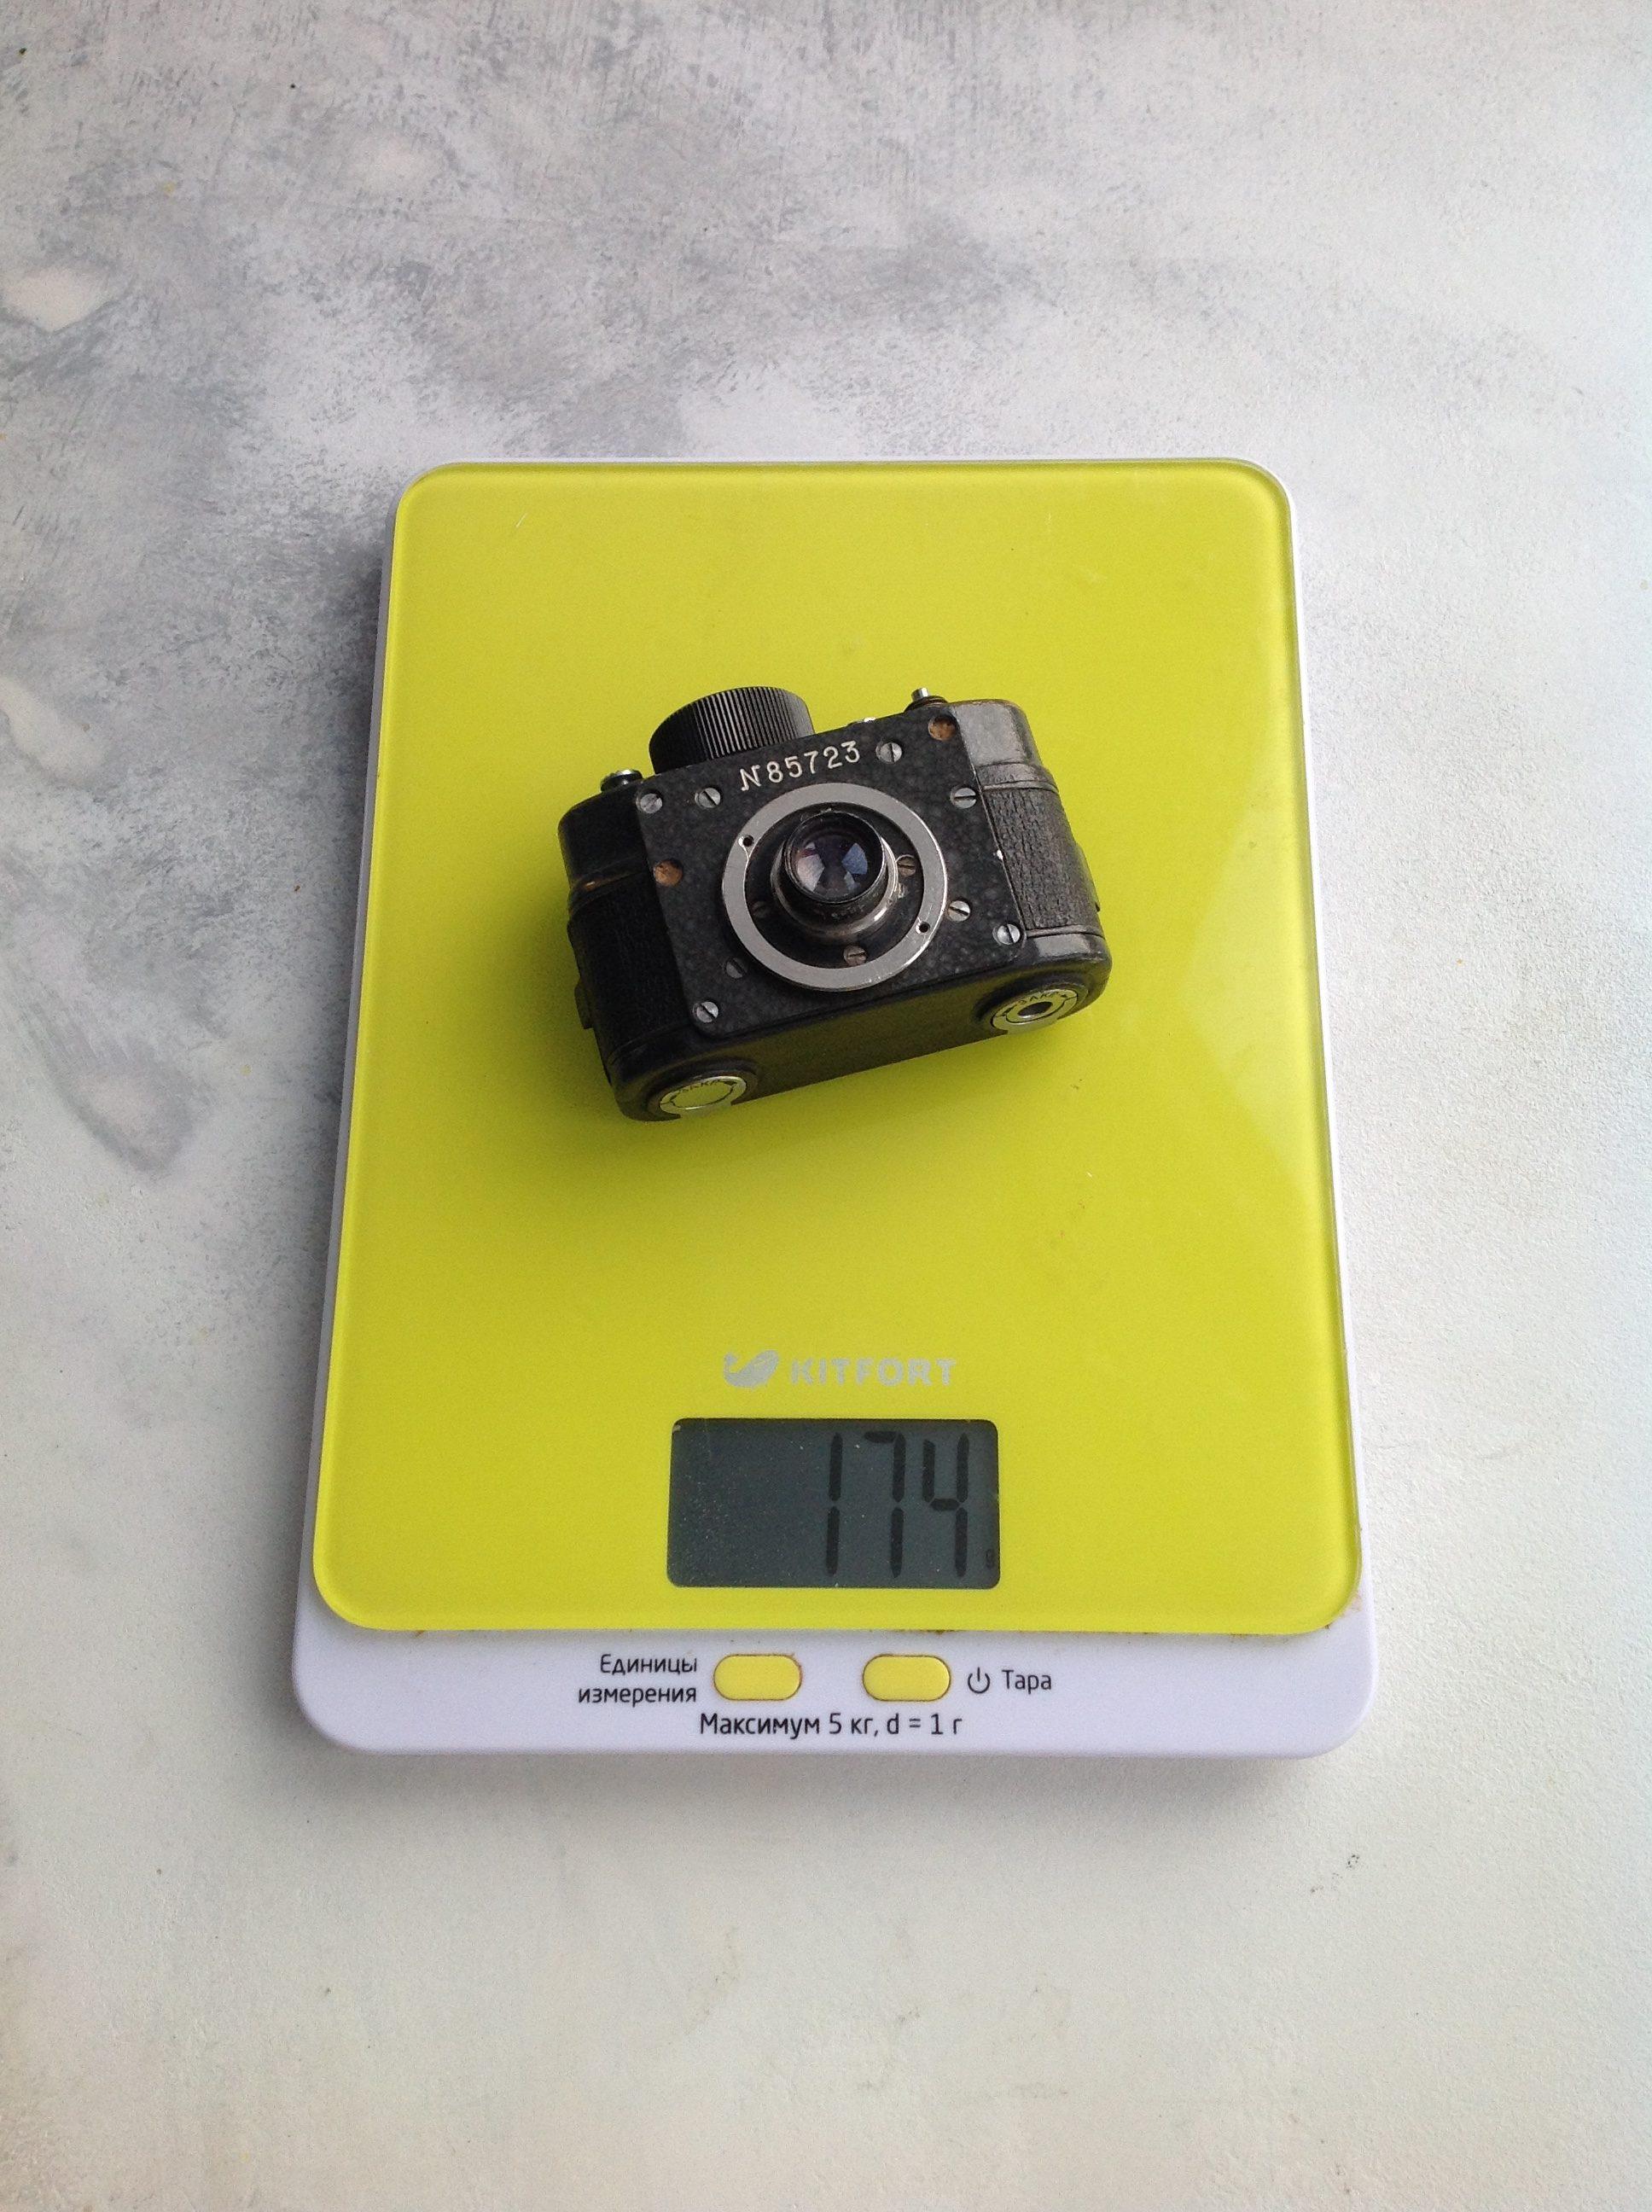 вес маленького шпионского фотоаппарата